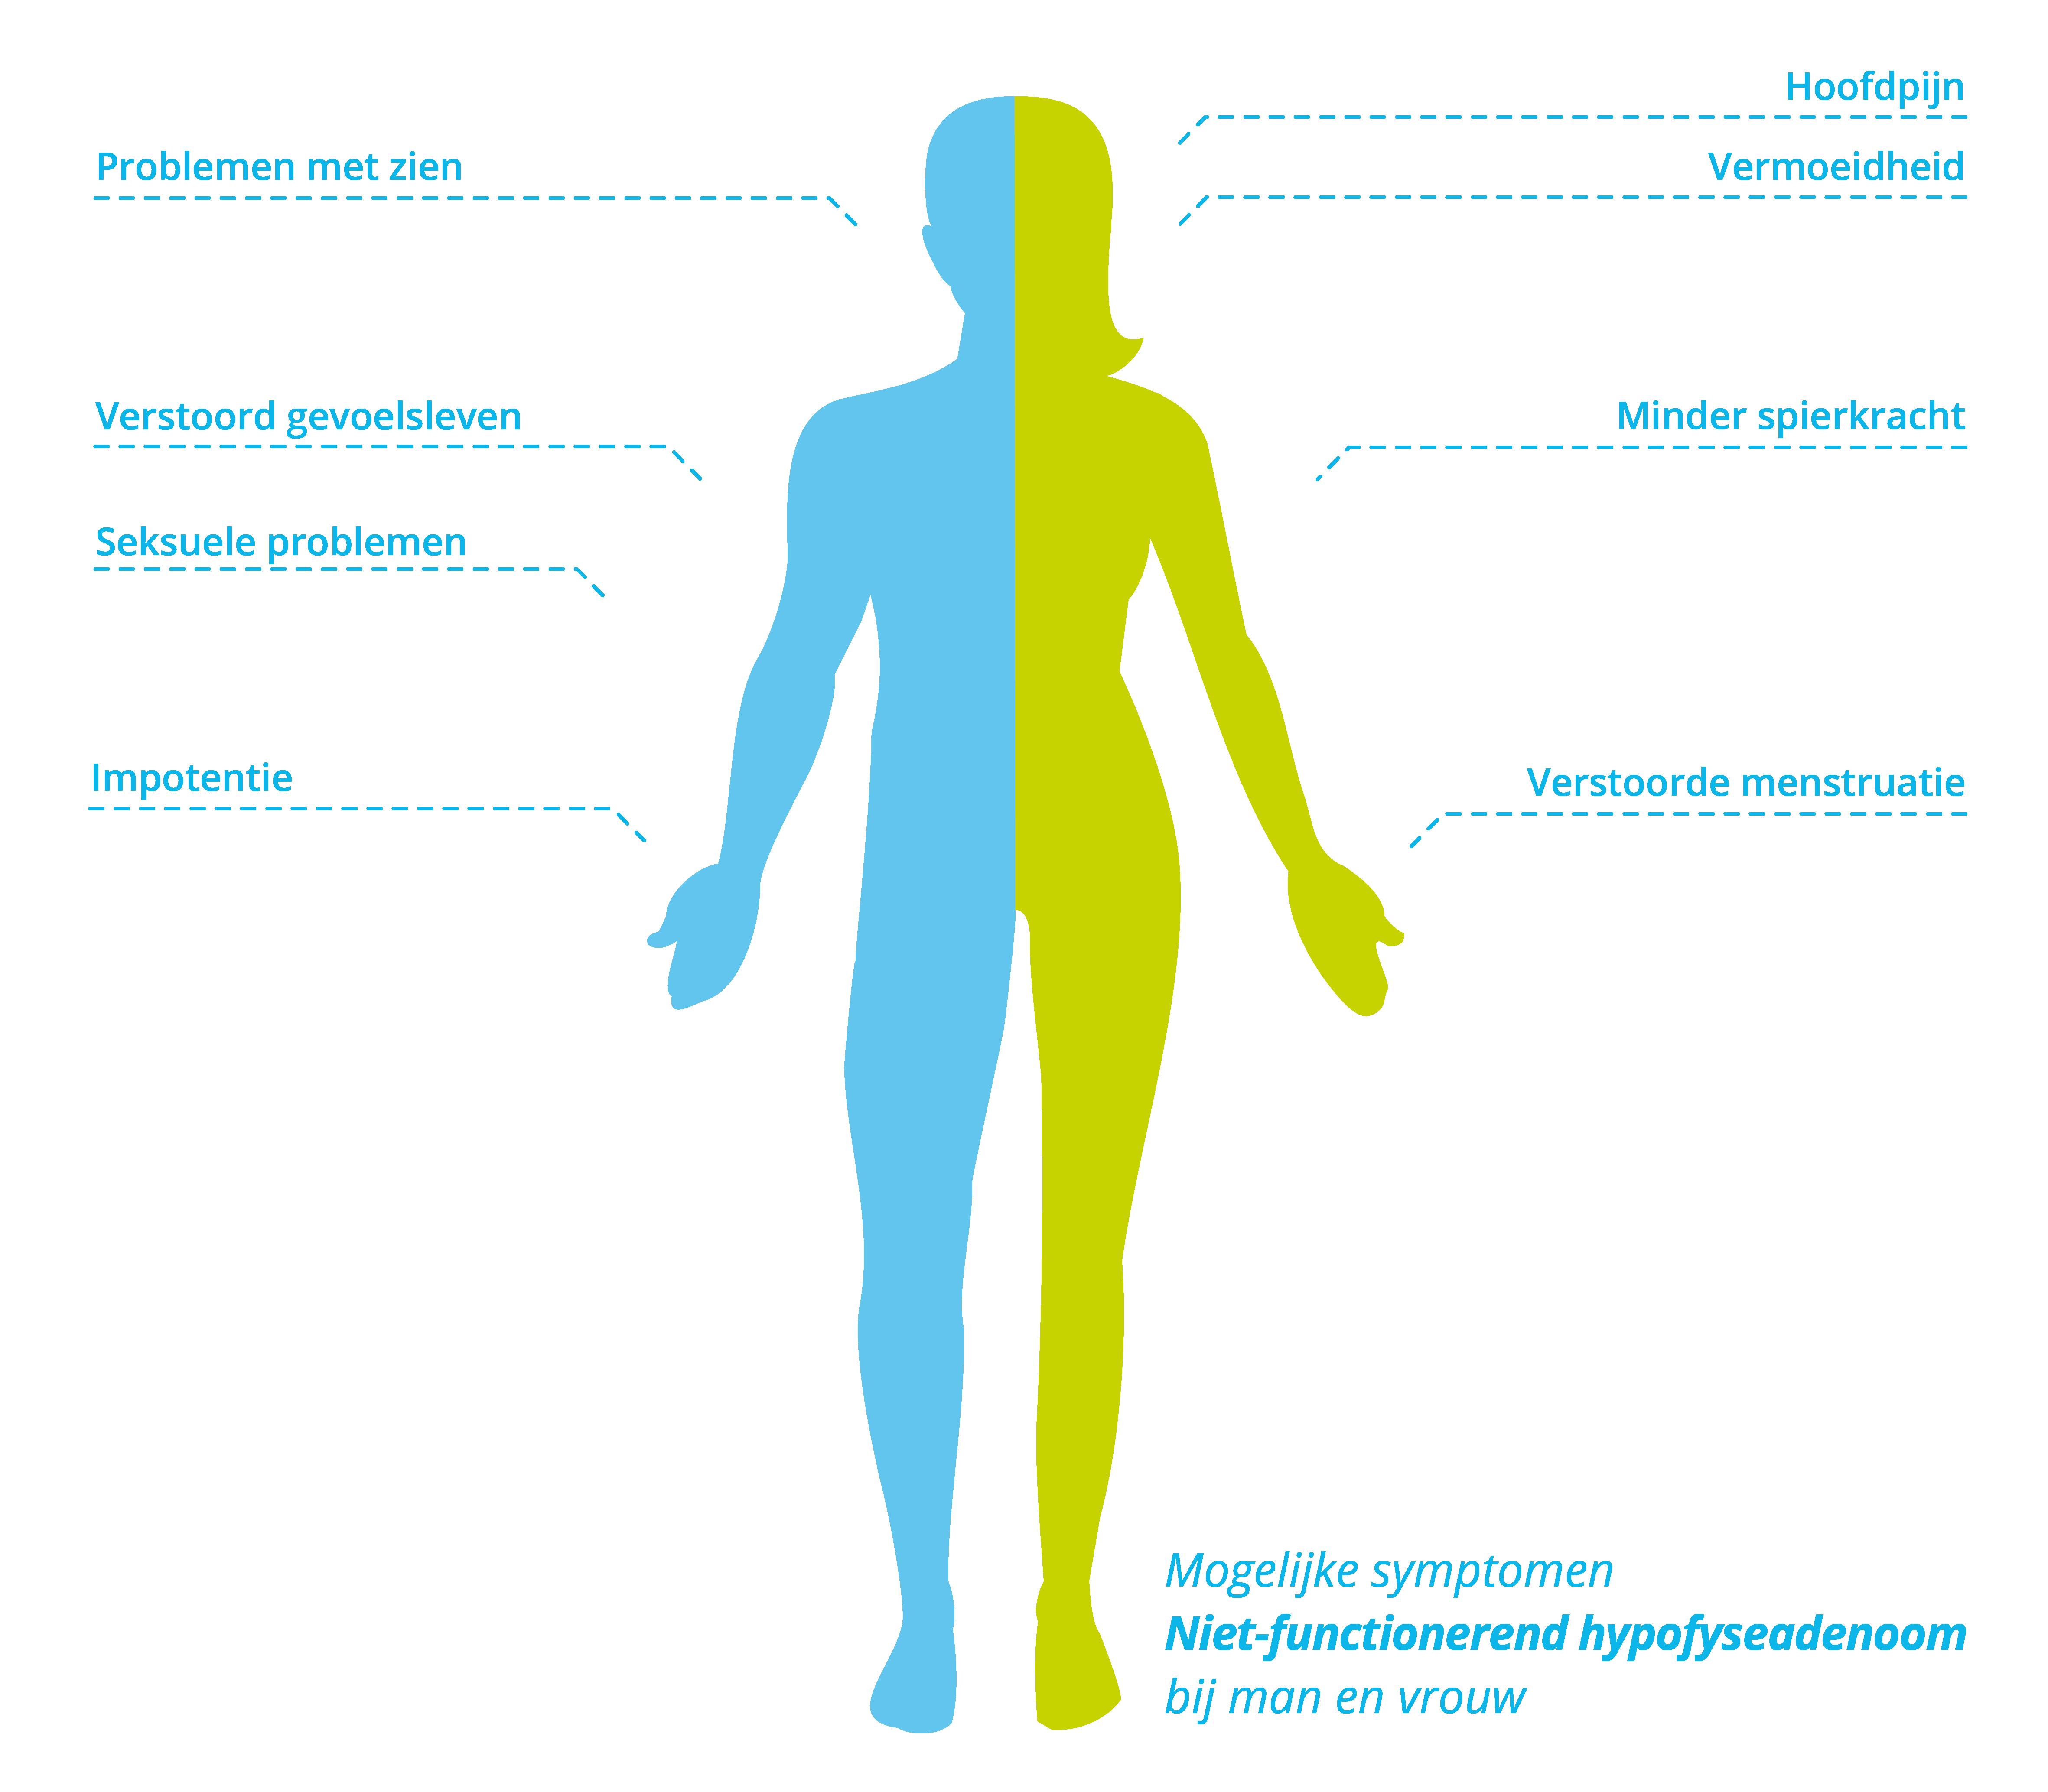 Symptomen niet-functionerend hypofyseadenoom (NFA) bij mannen en vrouwen.